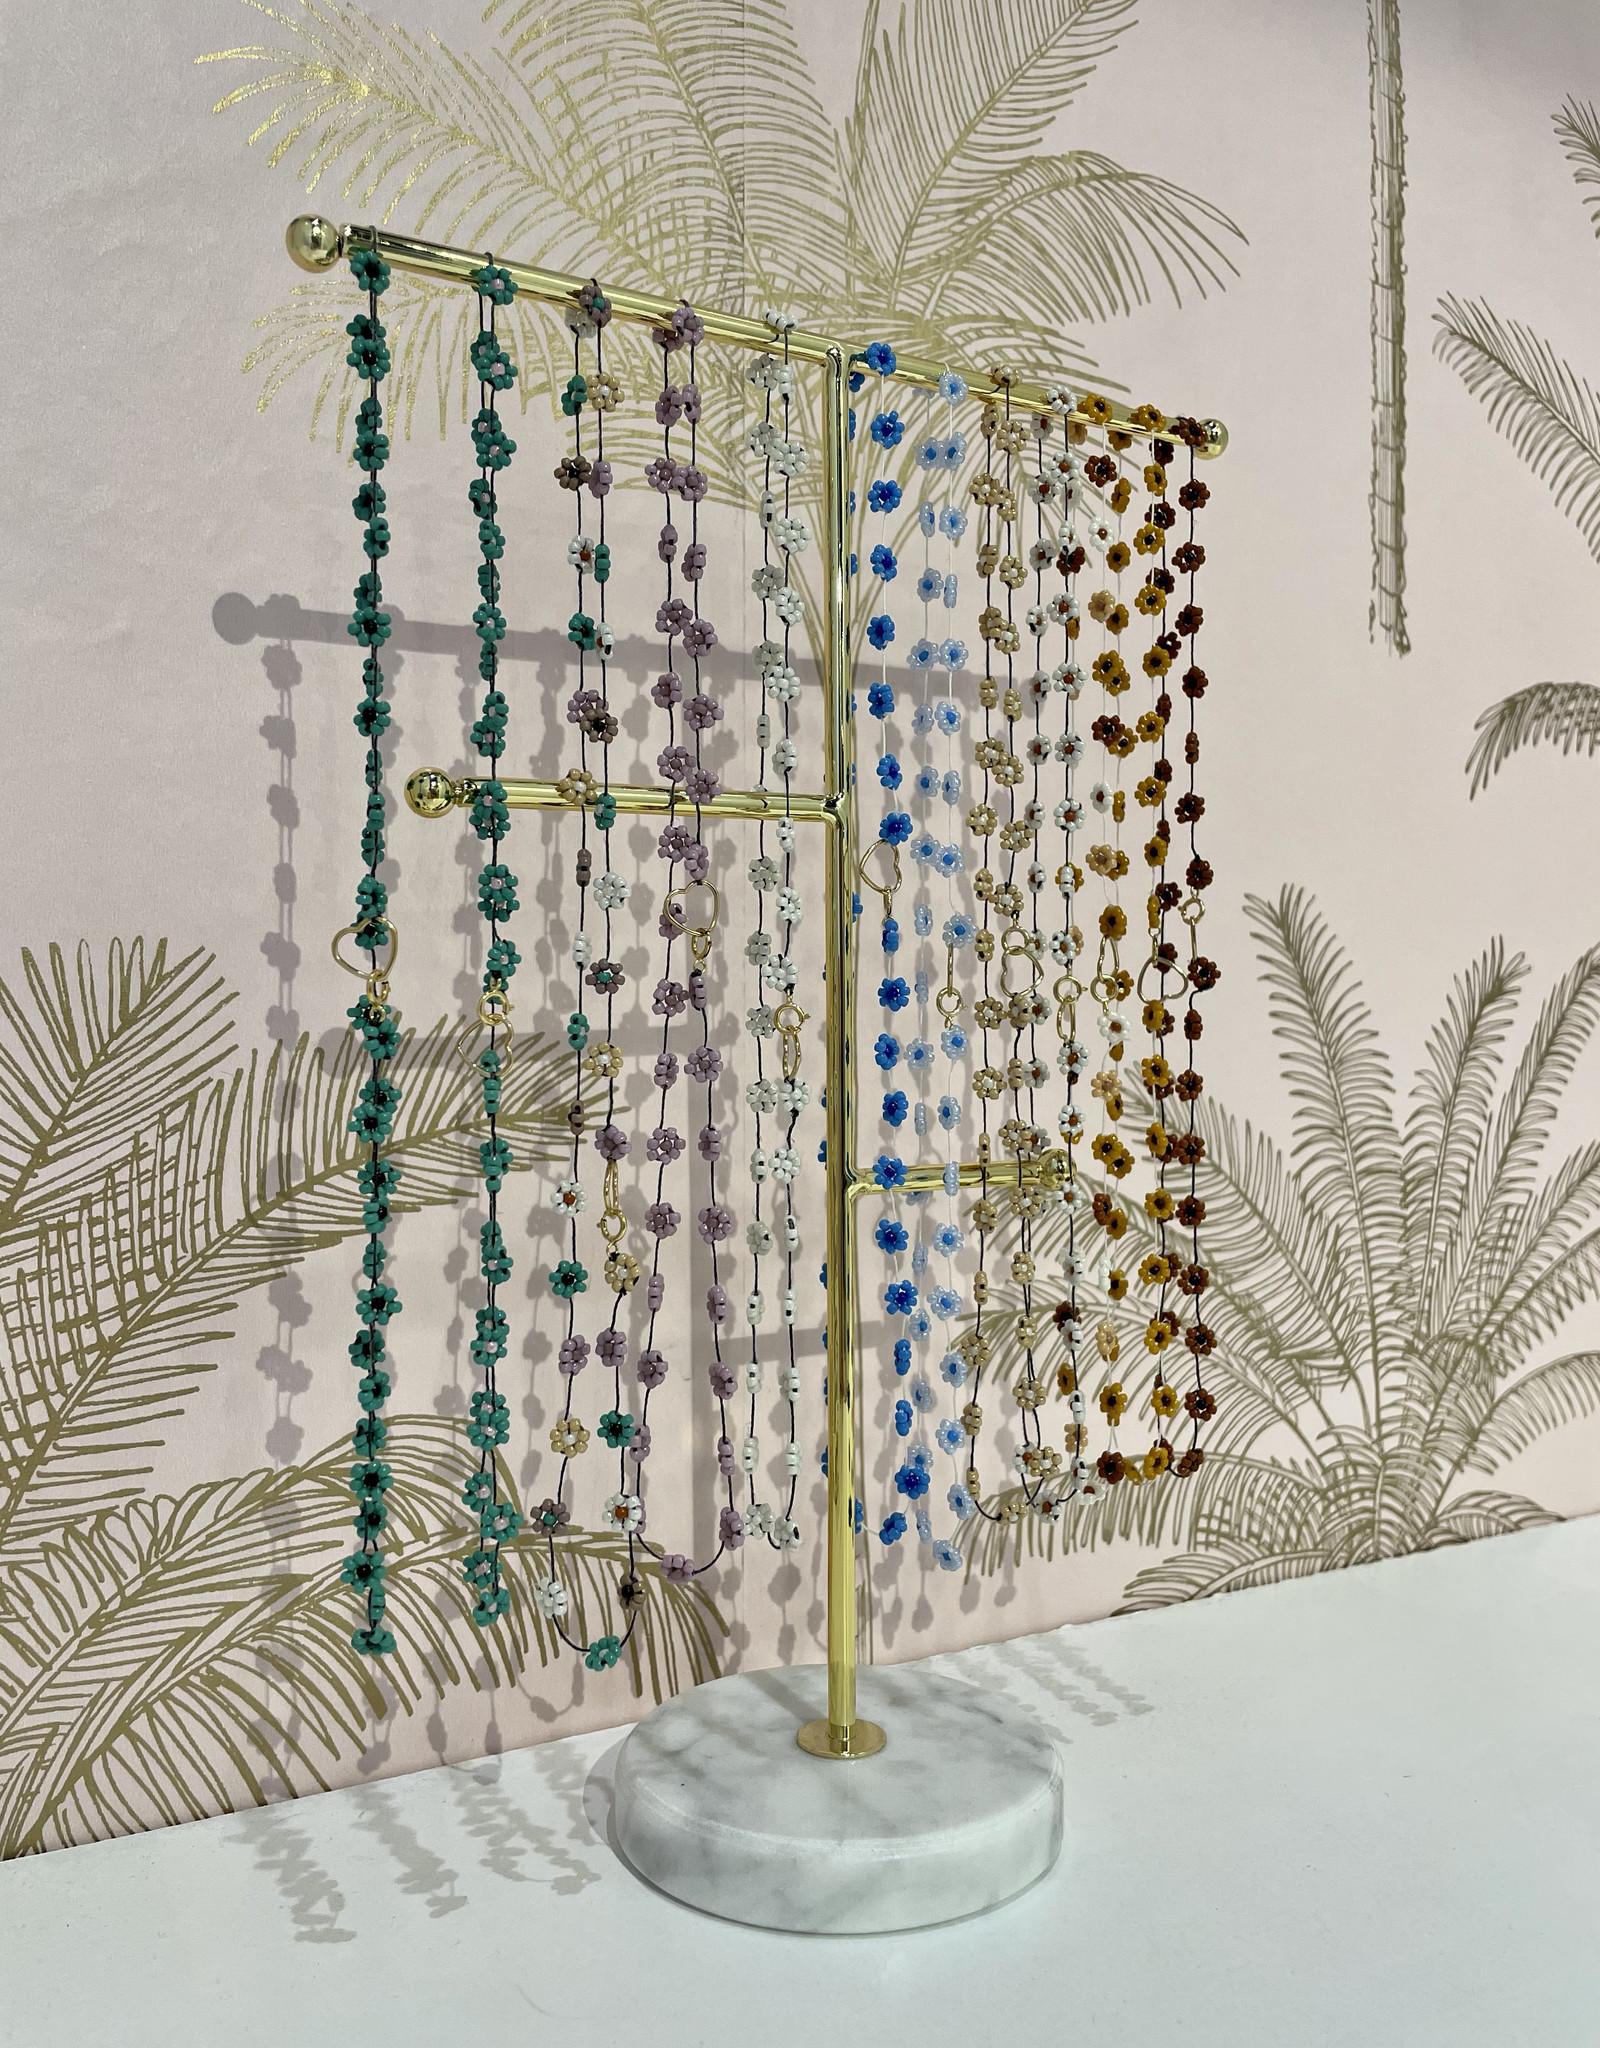 Atelier Labro Fiori Necklace Terra Misto